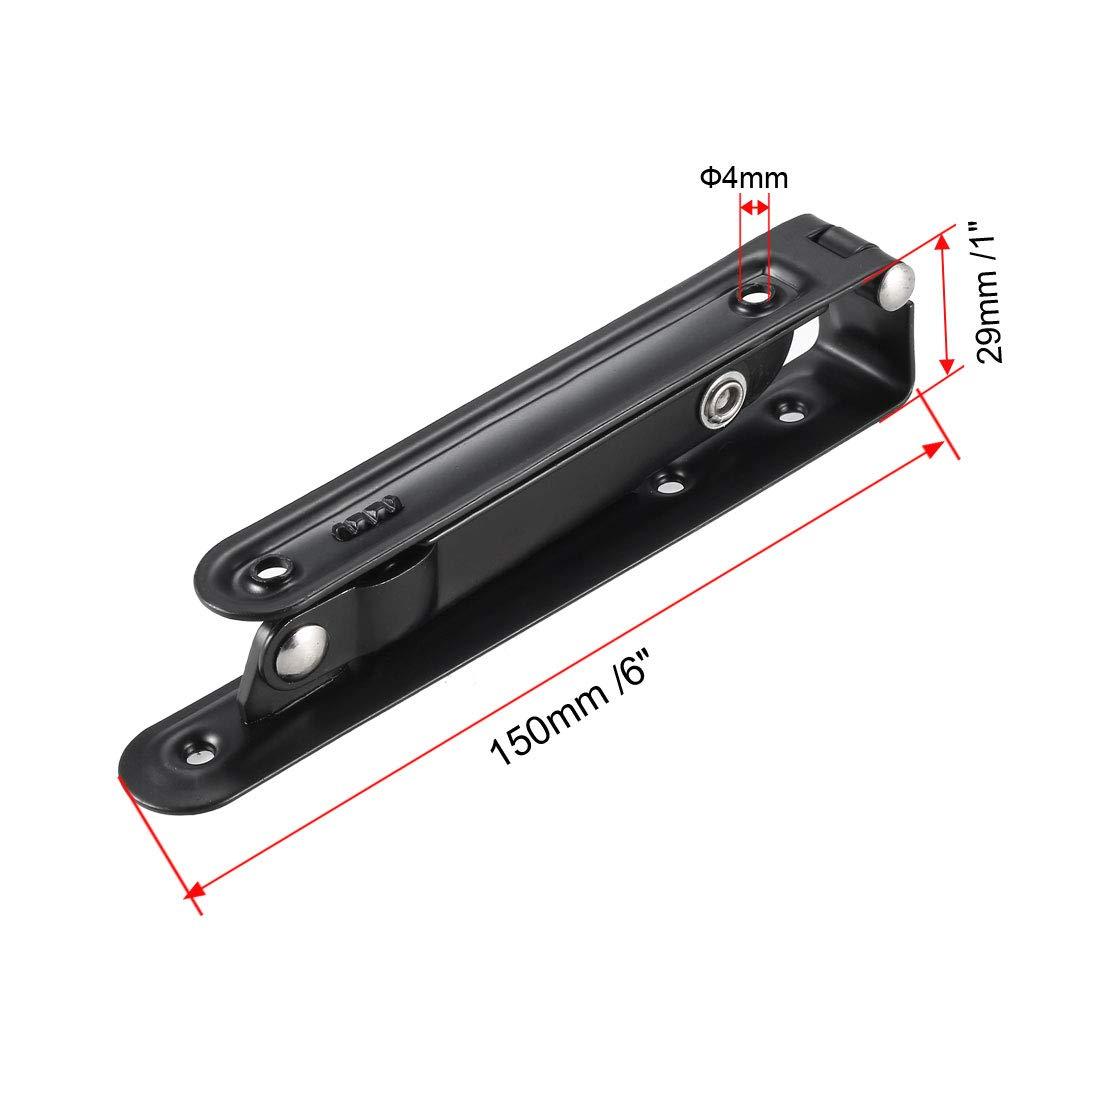 Sourcingmap Soporte plegable para estanter/ías mesas escritorios ahorro de espacio montaje en pared brazo de liberaci/ón larga plegable acero al carbono